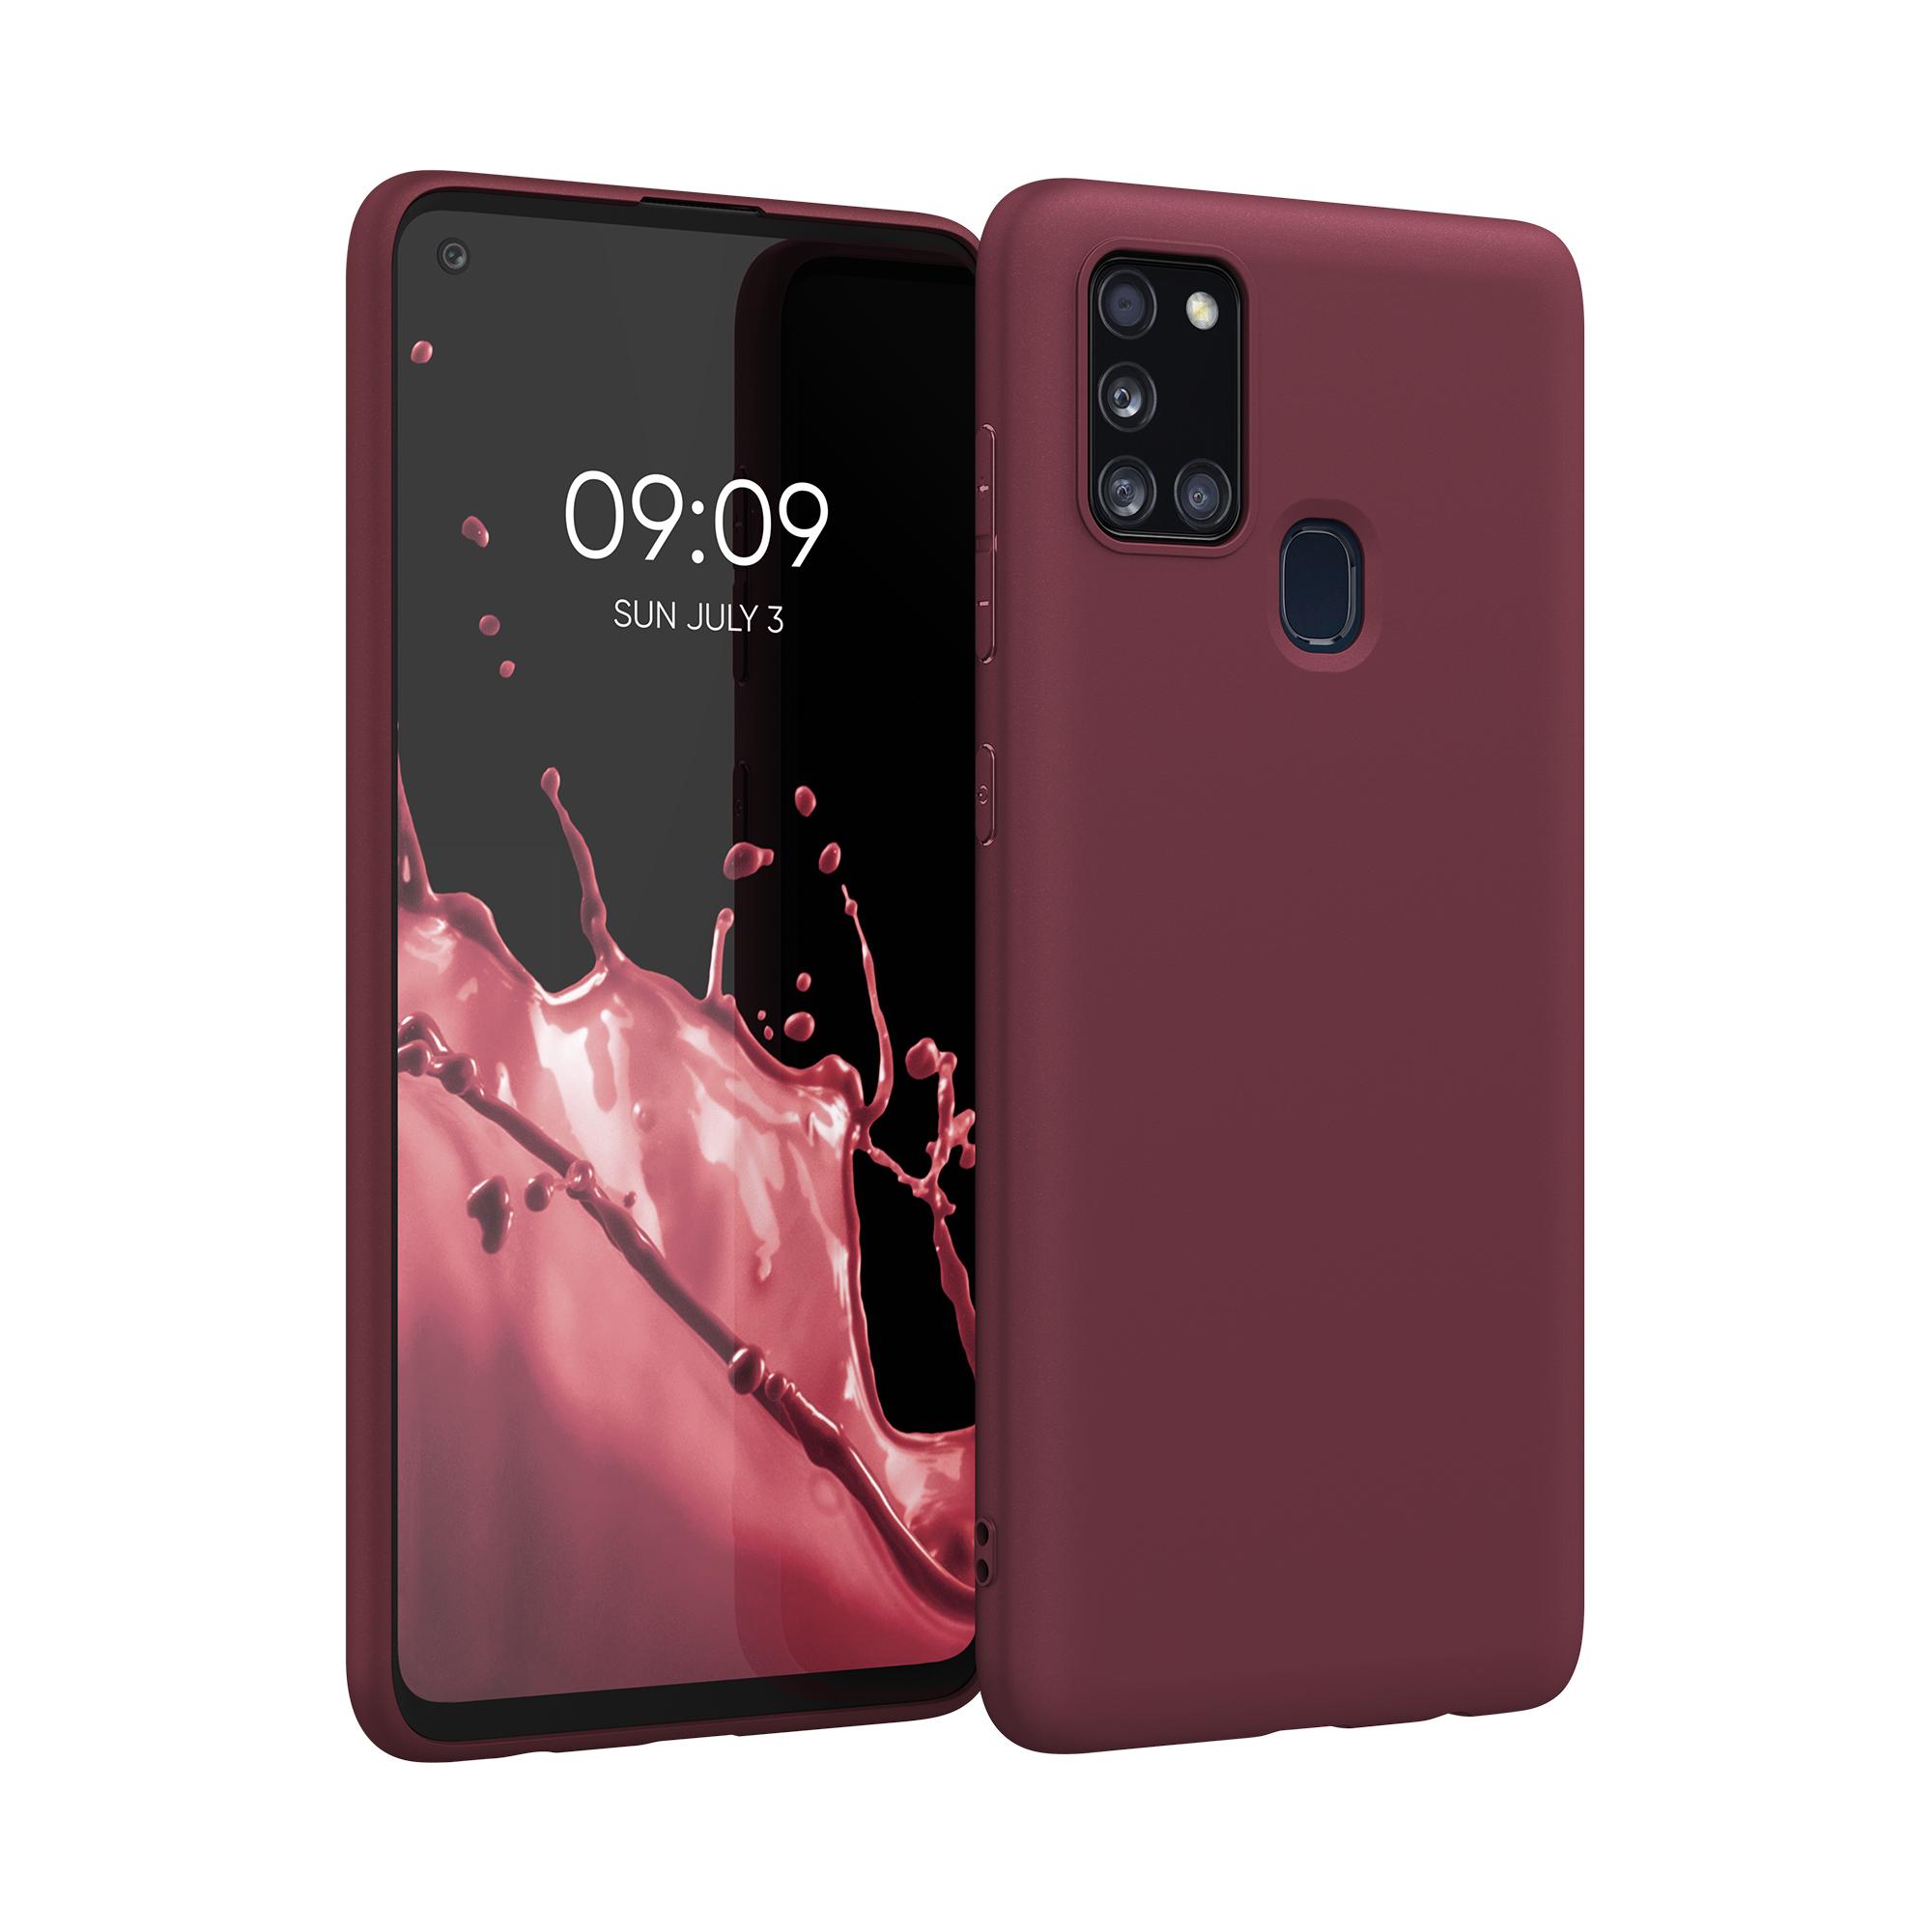 Kvalitní silikonové TPU pouzdro pro Samsung A21s - Tawny Red